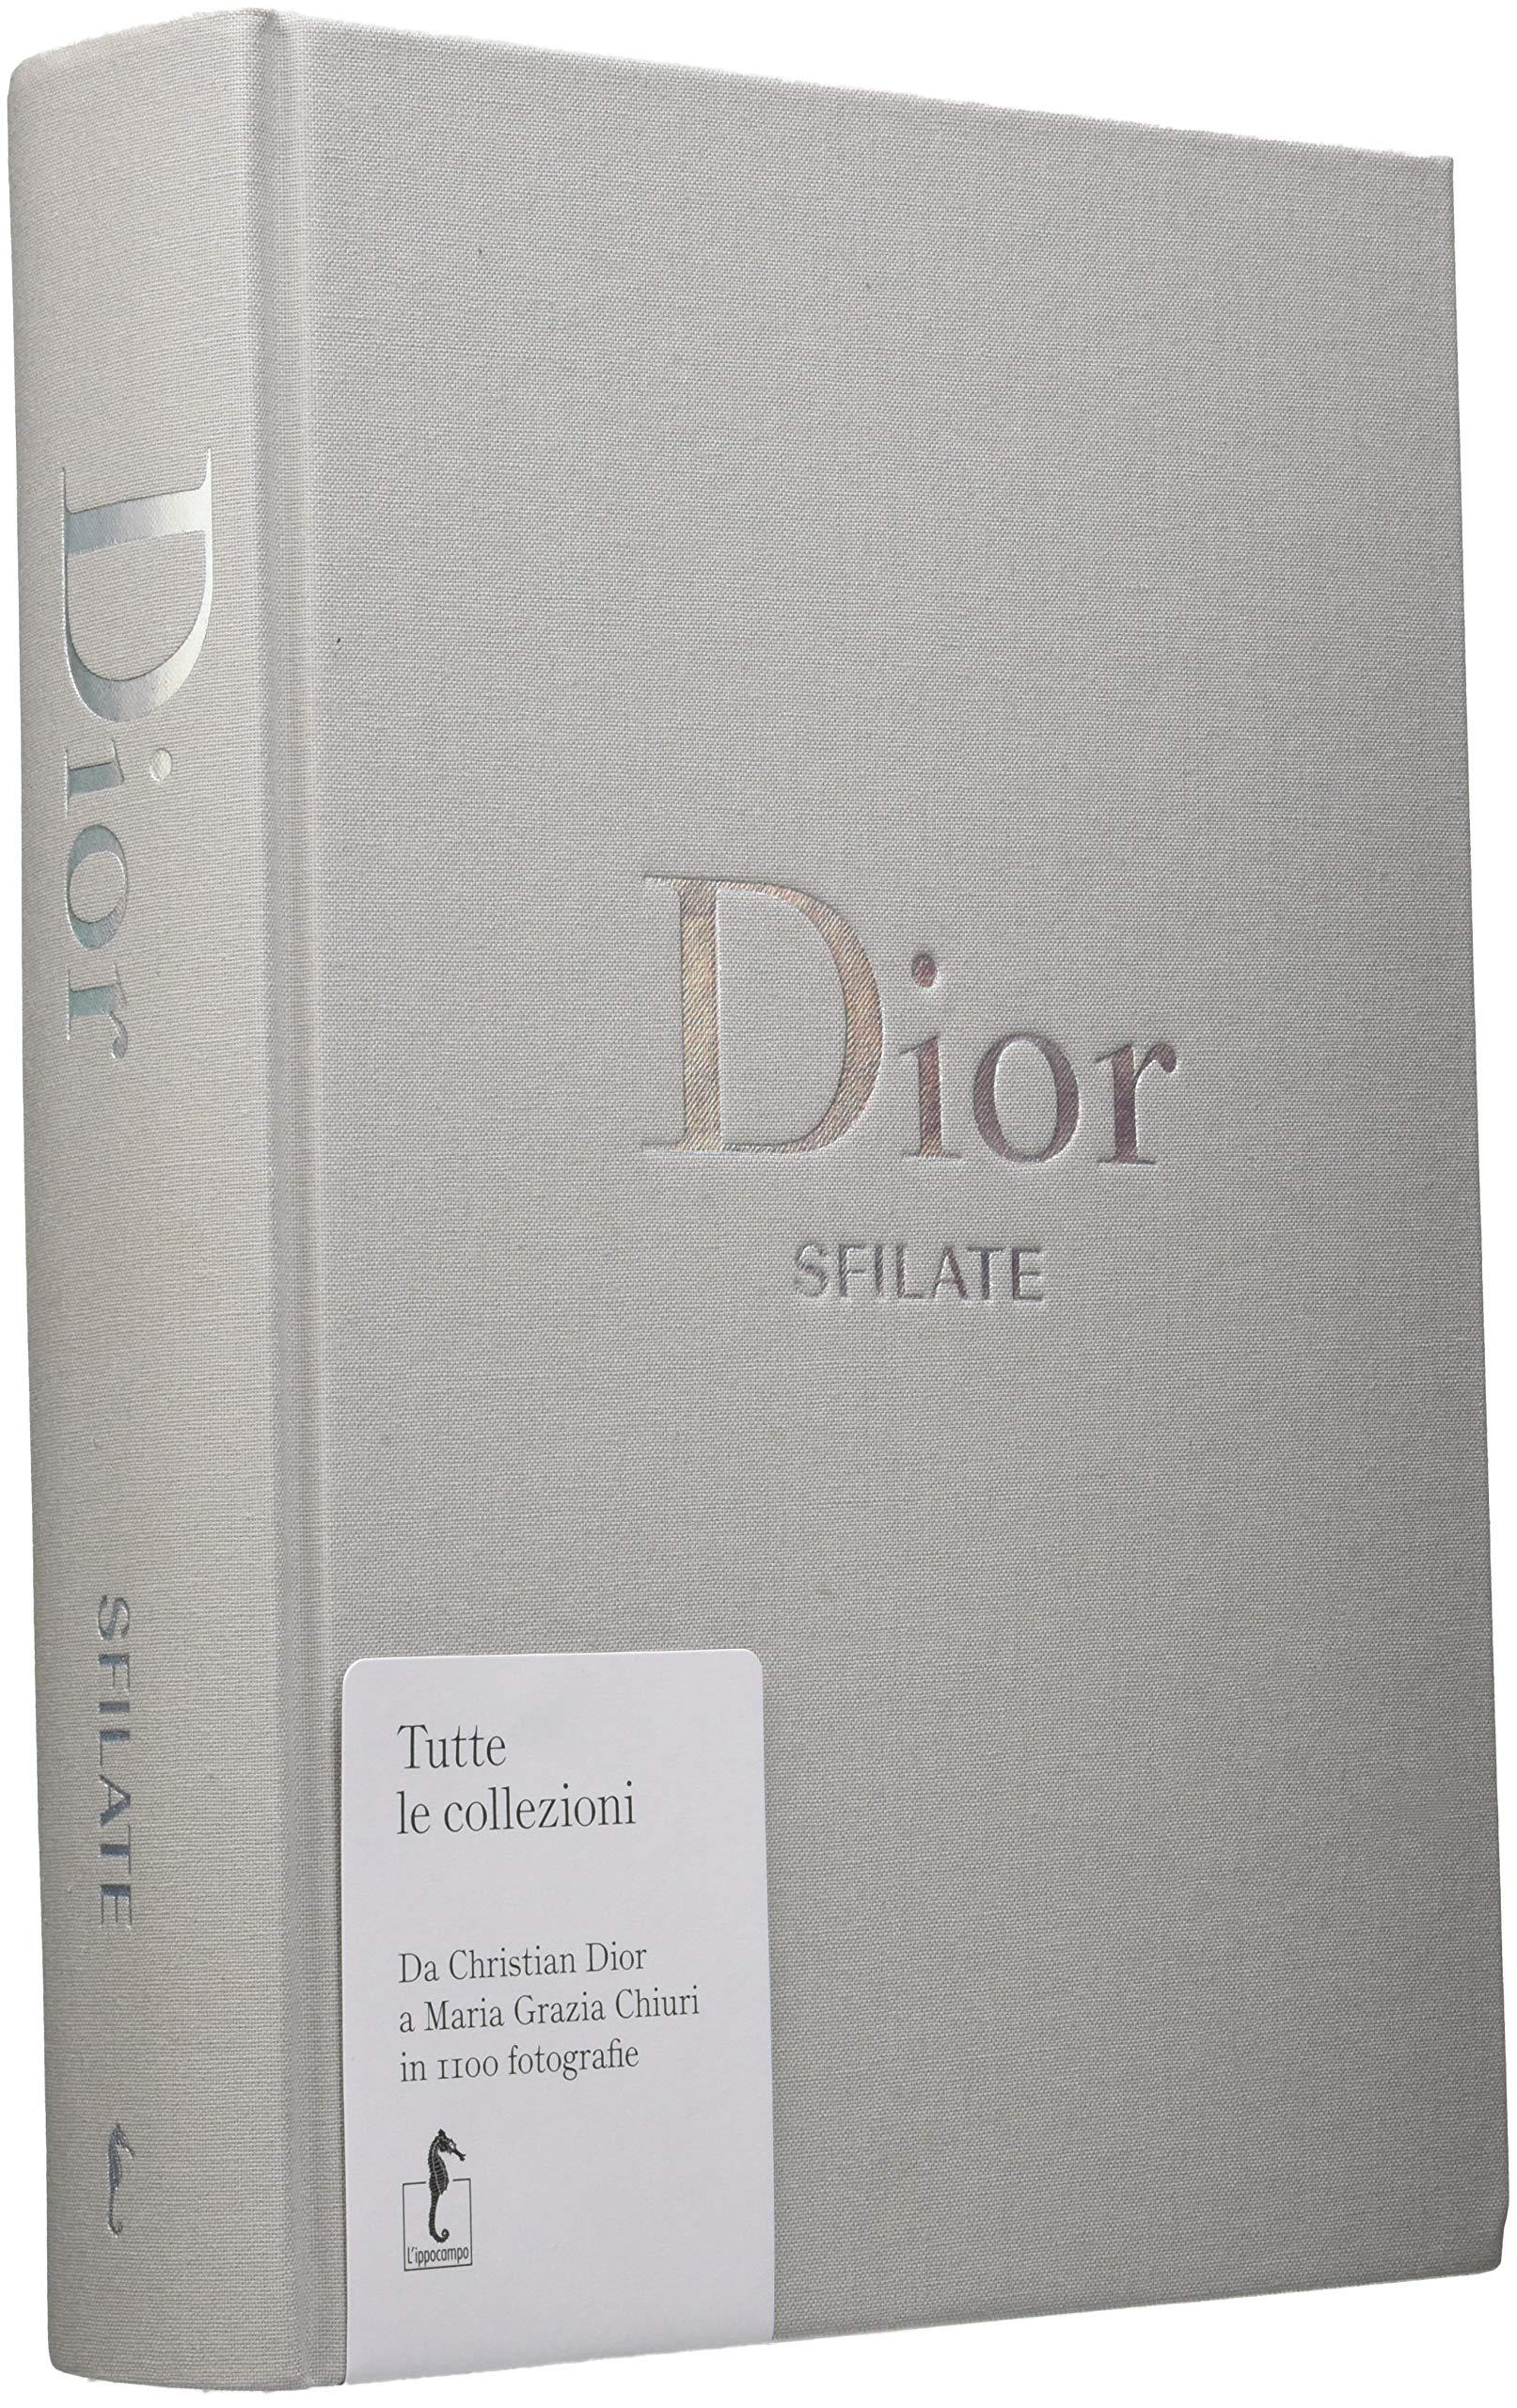 christian dior libro  : Dior. Sfilate. Tutte le collezioni da Christian Dior a ...